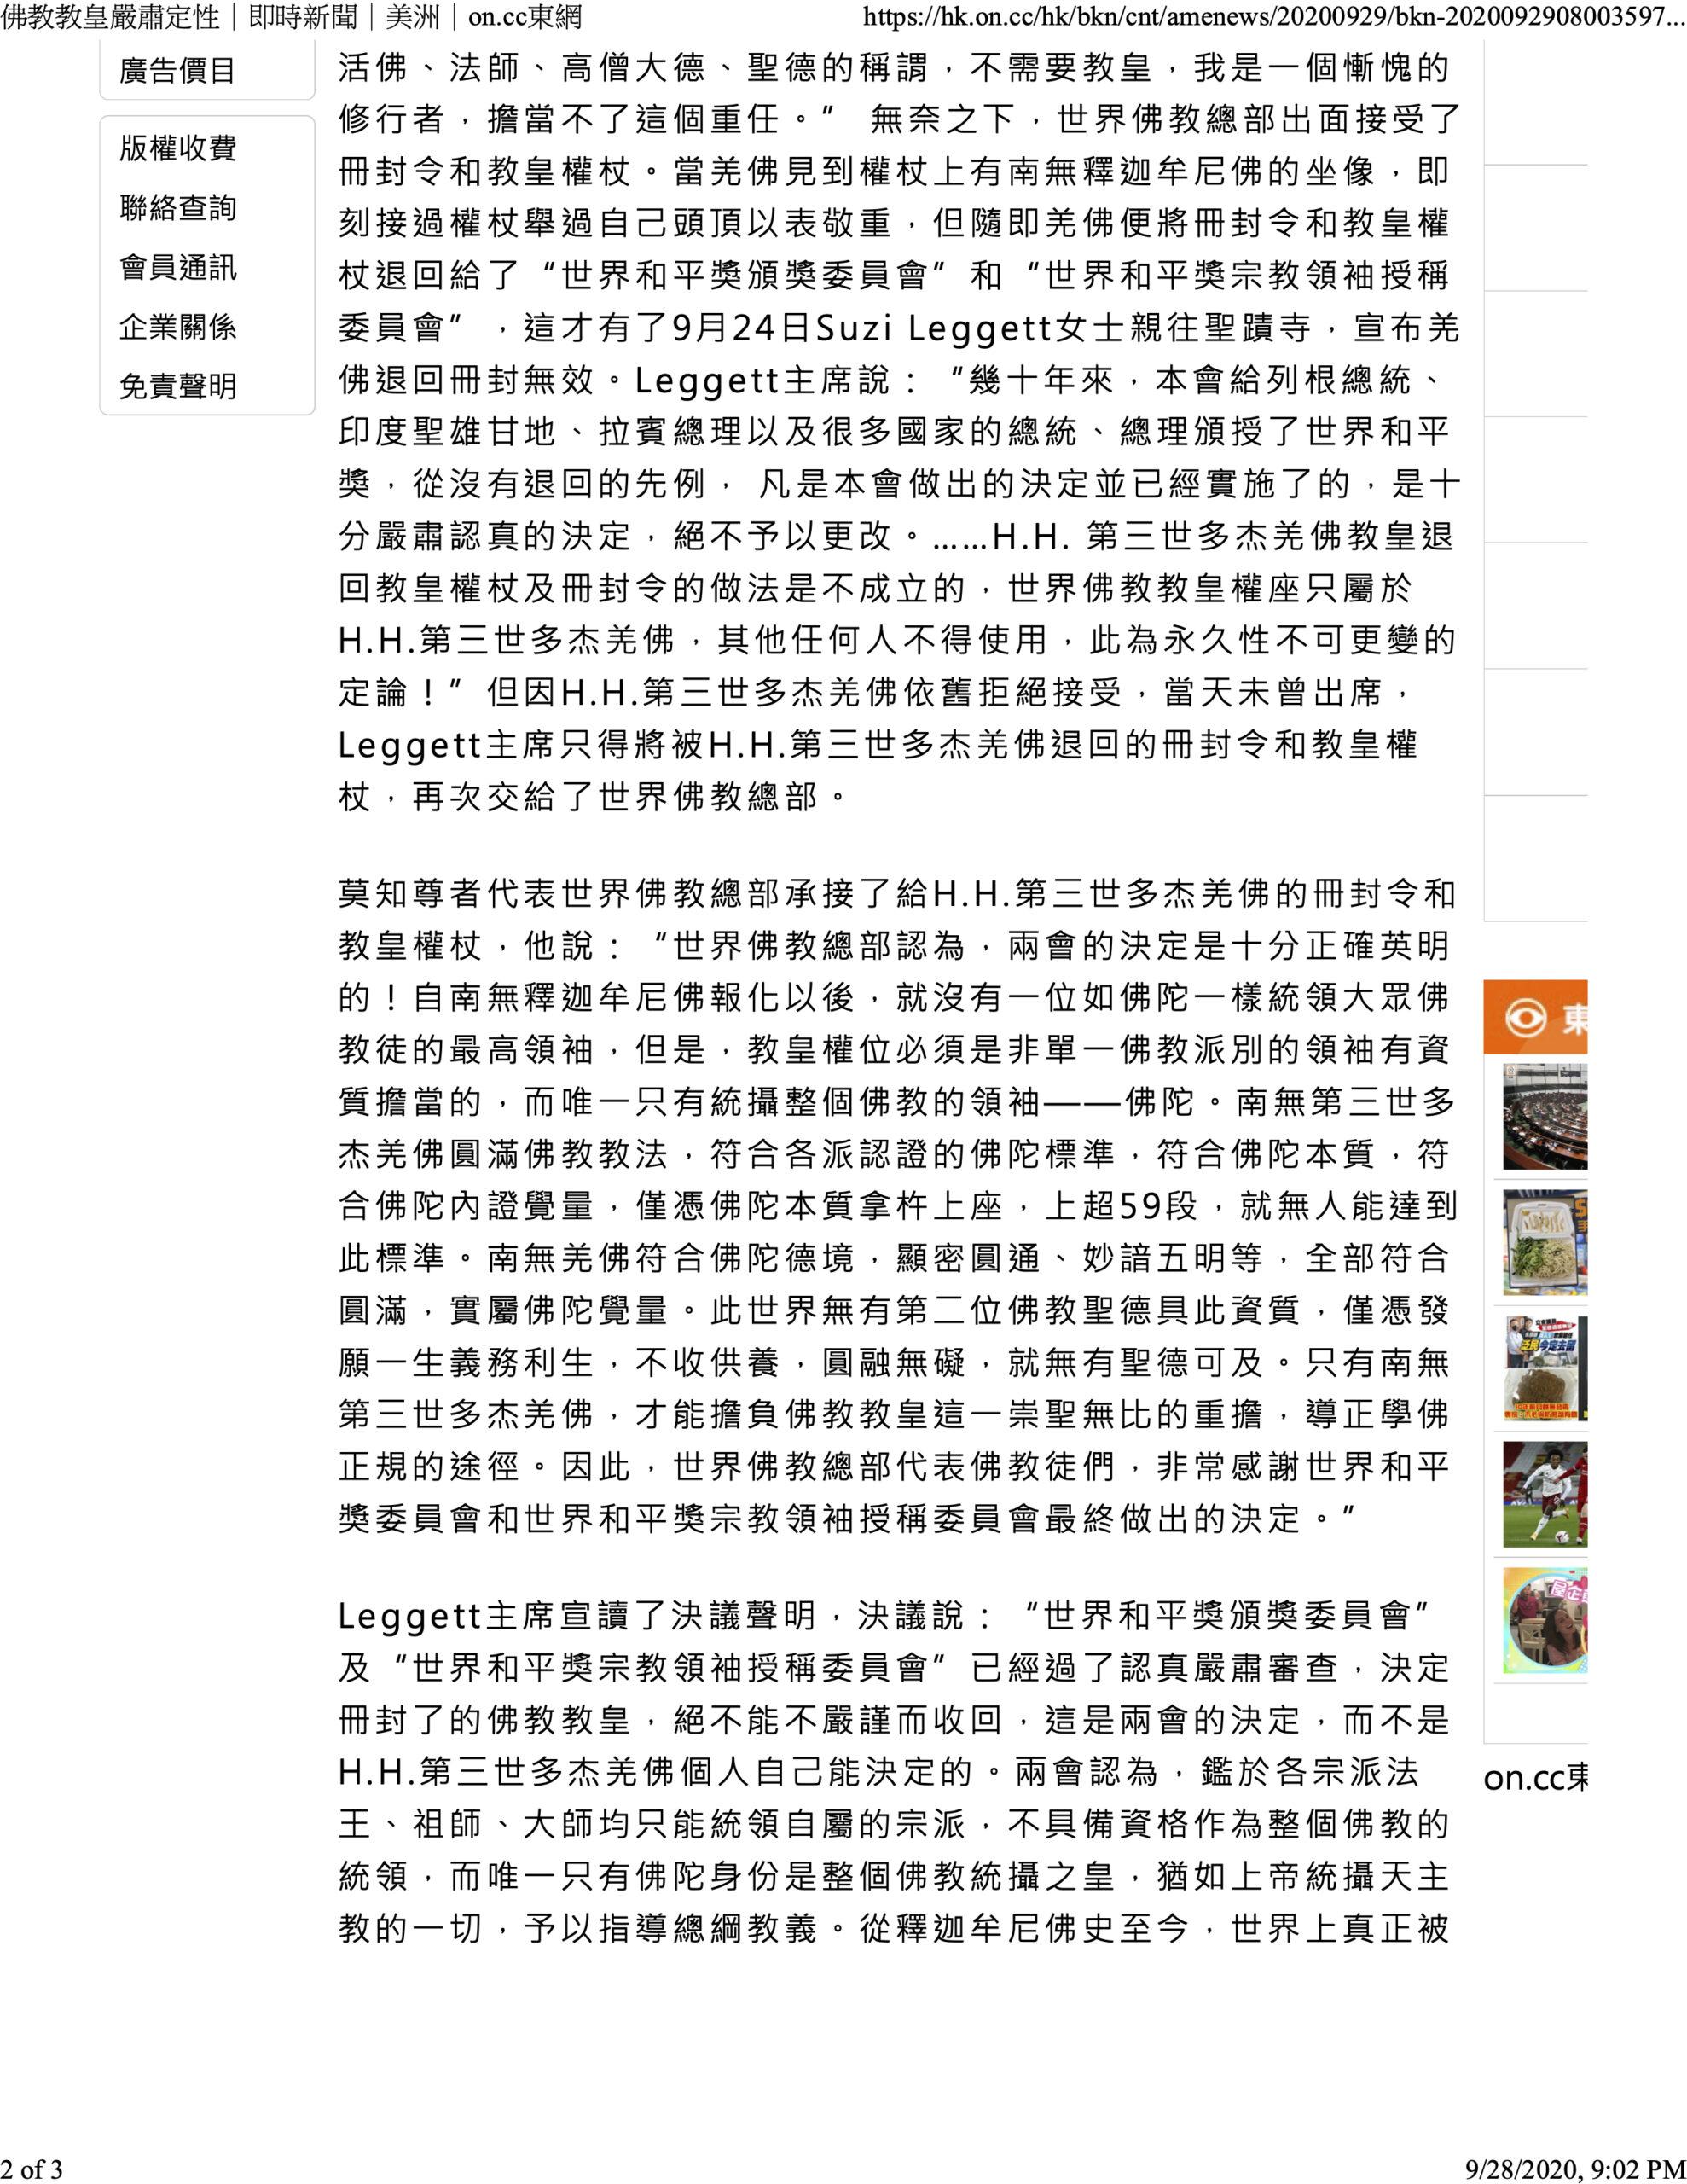 3-2 東網_佛教教皇嚴肅定性_9-29-2020